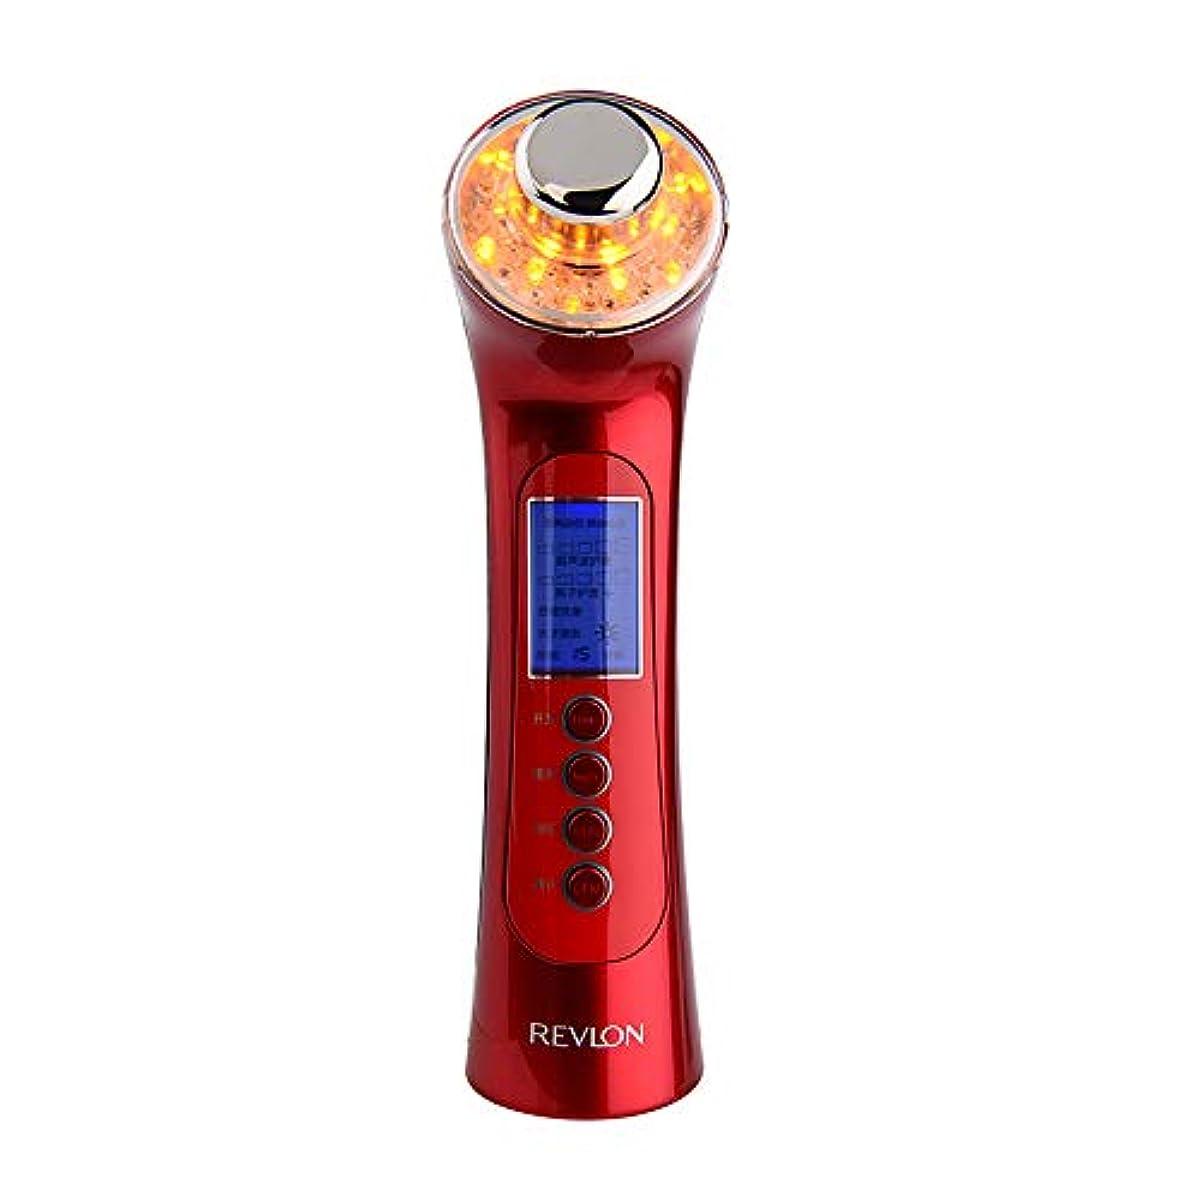 教育者社会学講義肌を引き締め機、5に1で5洗顔マッサージマッサージマッサージャーで3色ライトディープクレンジングアンチエイジング多機能振動美容機器